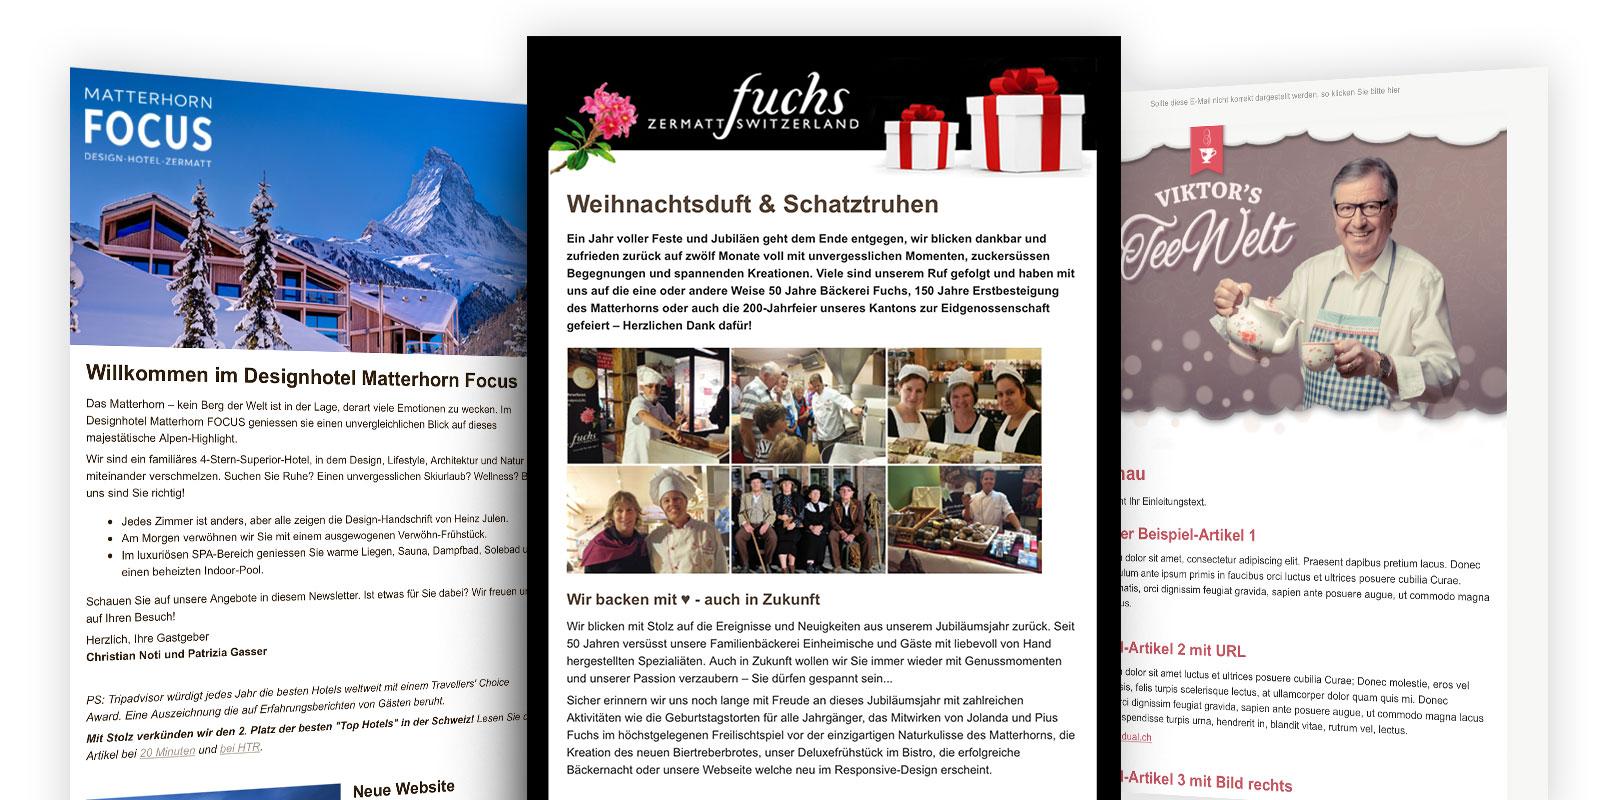 Dodeley Com Die Professionelle Newsletter Losung Kostenloser E Mail Service Newslettertool Schweiz Einfache Newsletterverwaltung Benutzerfreundliches Newslettersystem